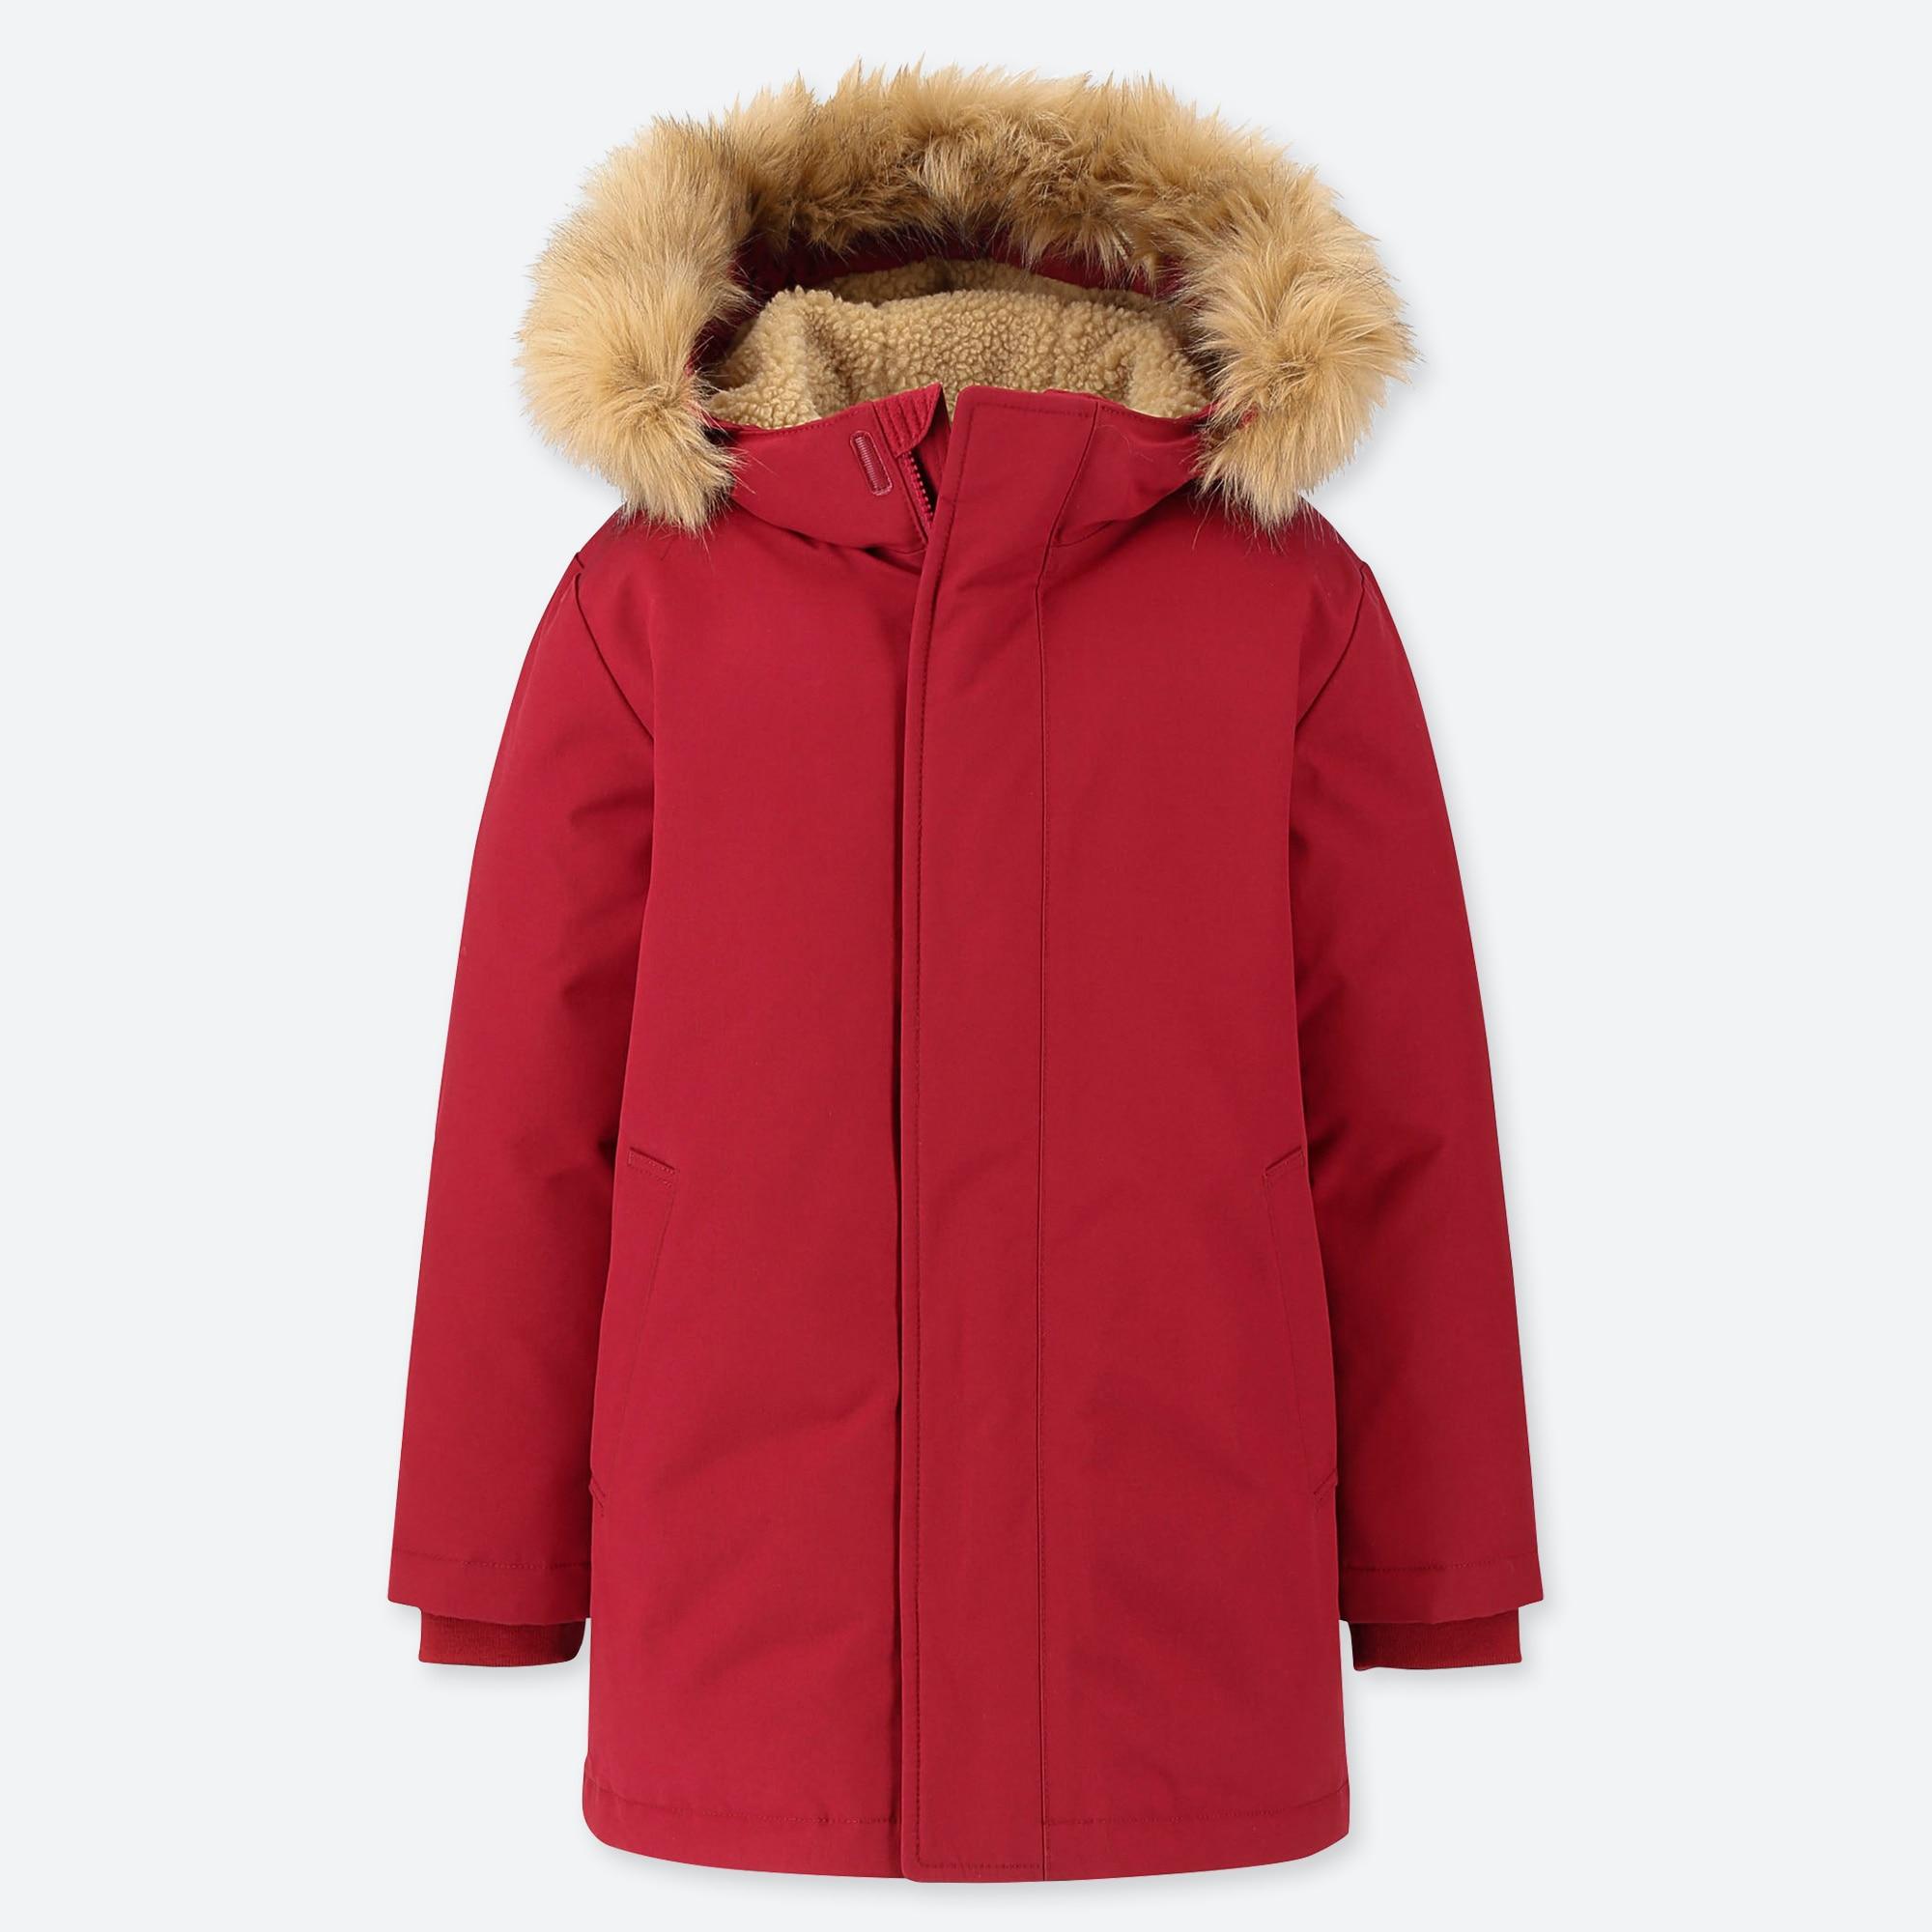 Manteau tres long et chaud femme